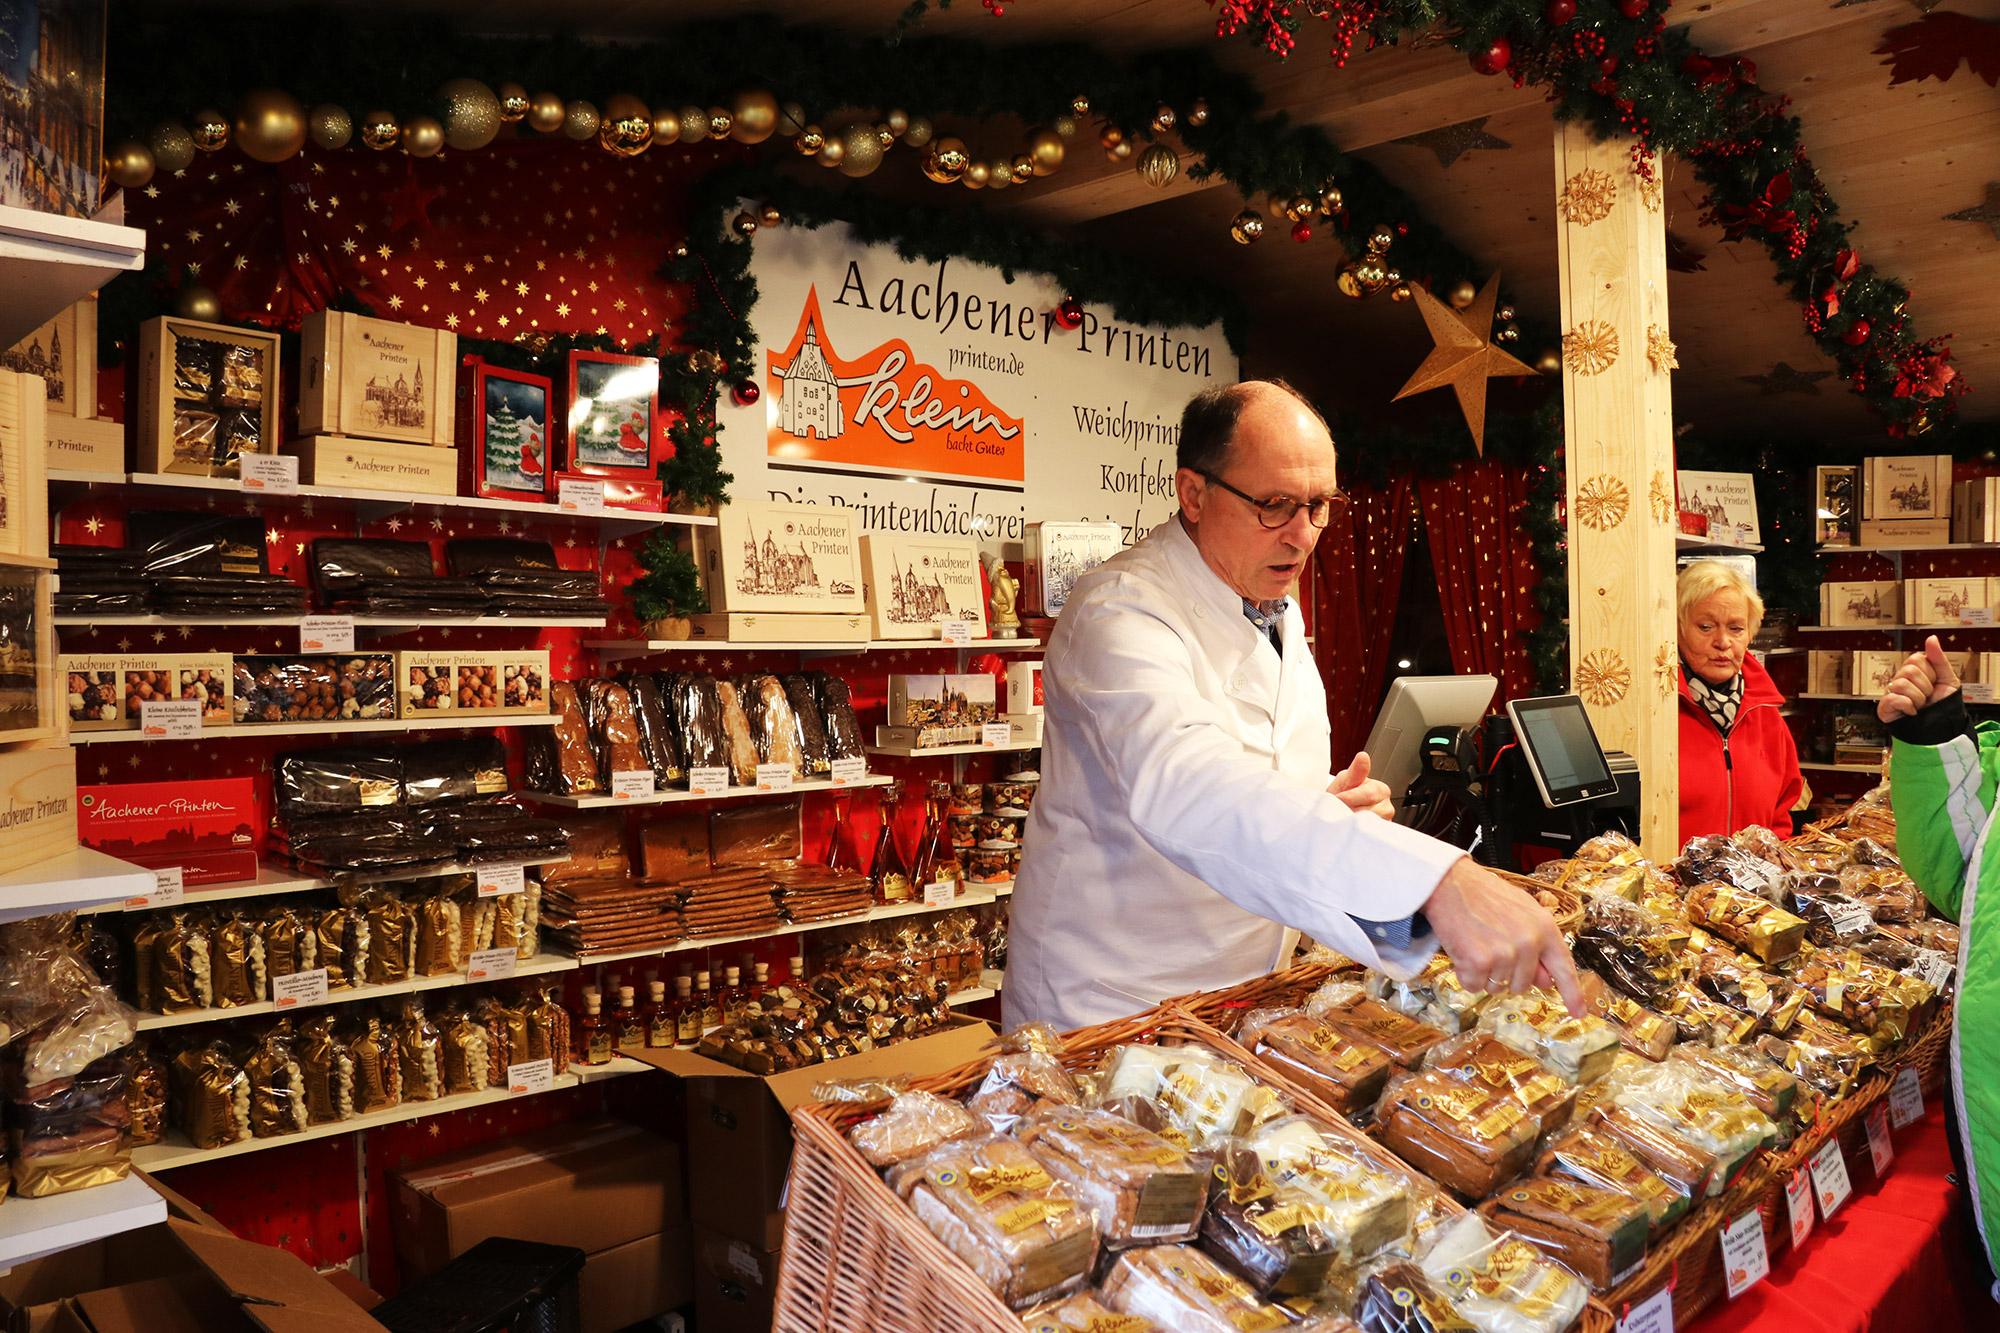 Oberhausen kerstmarkt, mijn tips - Aachener Printen